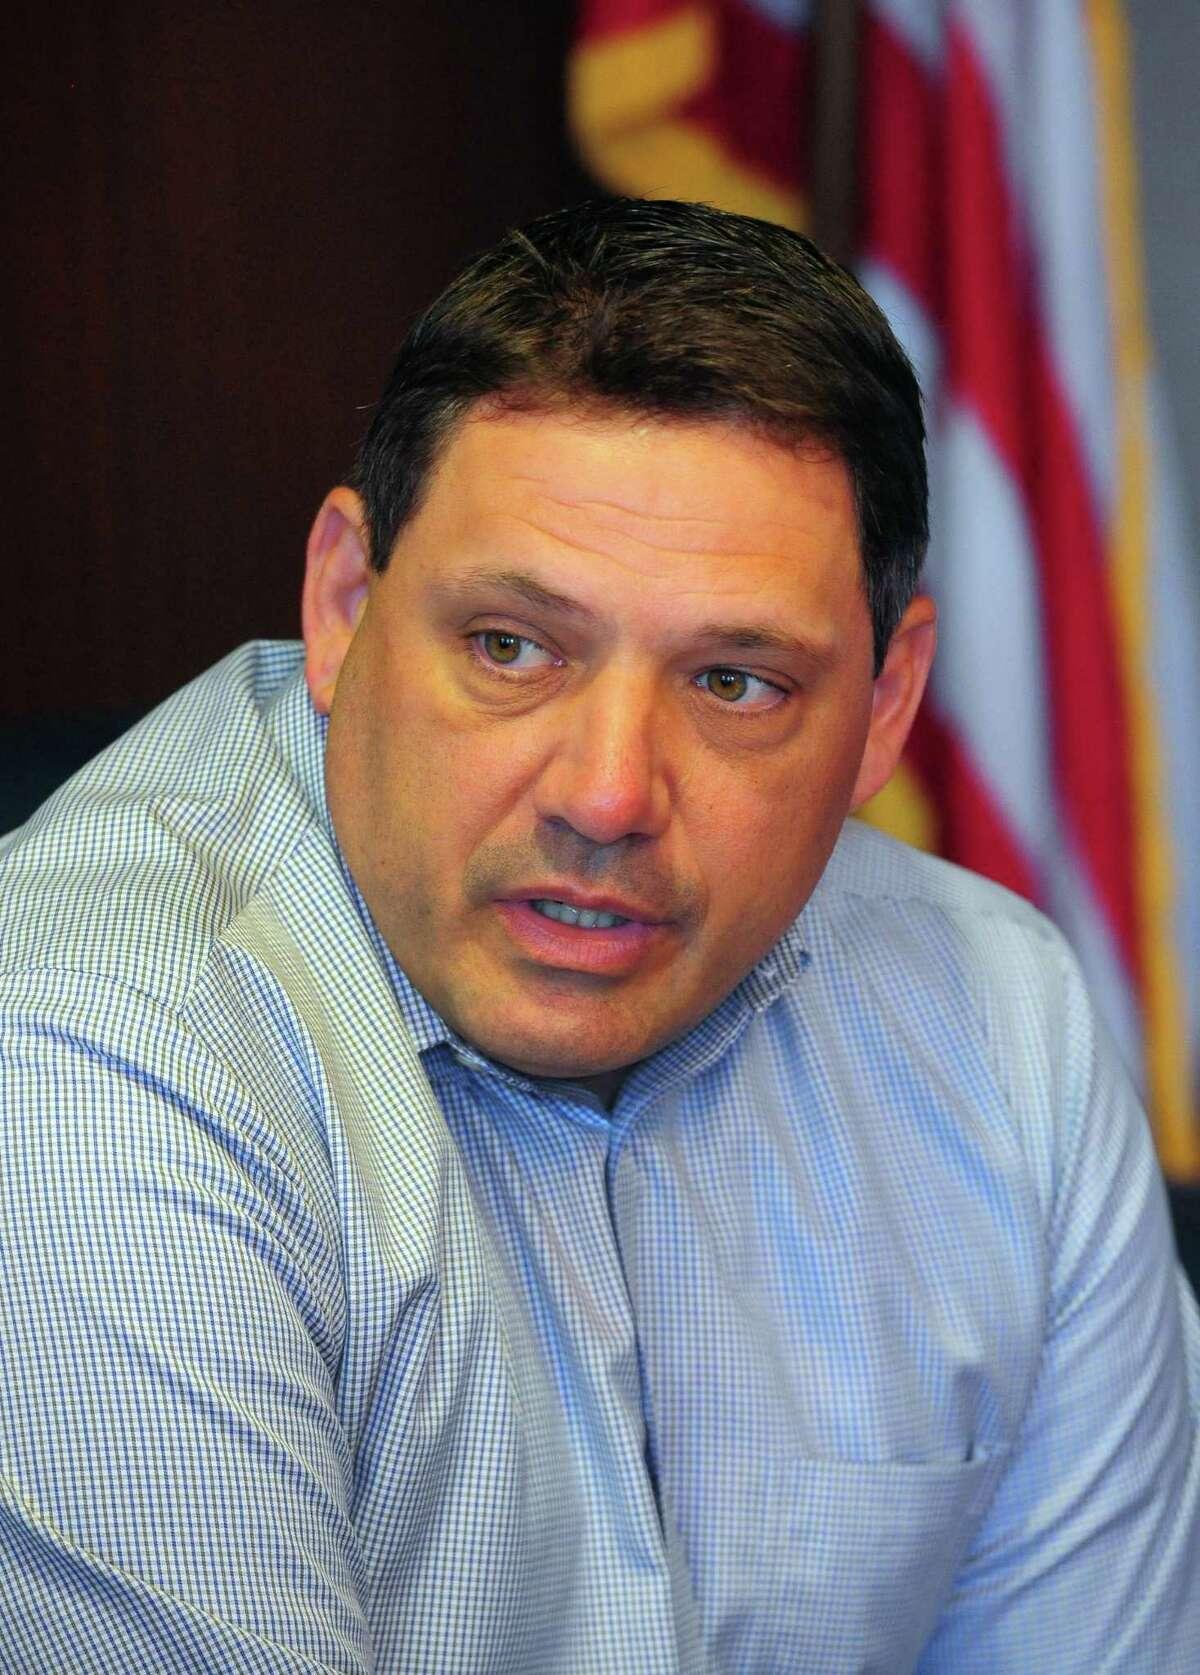 Michael Testani